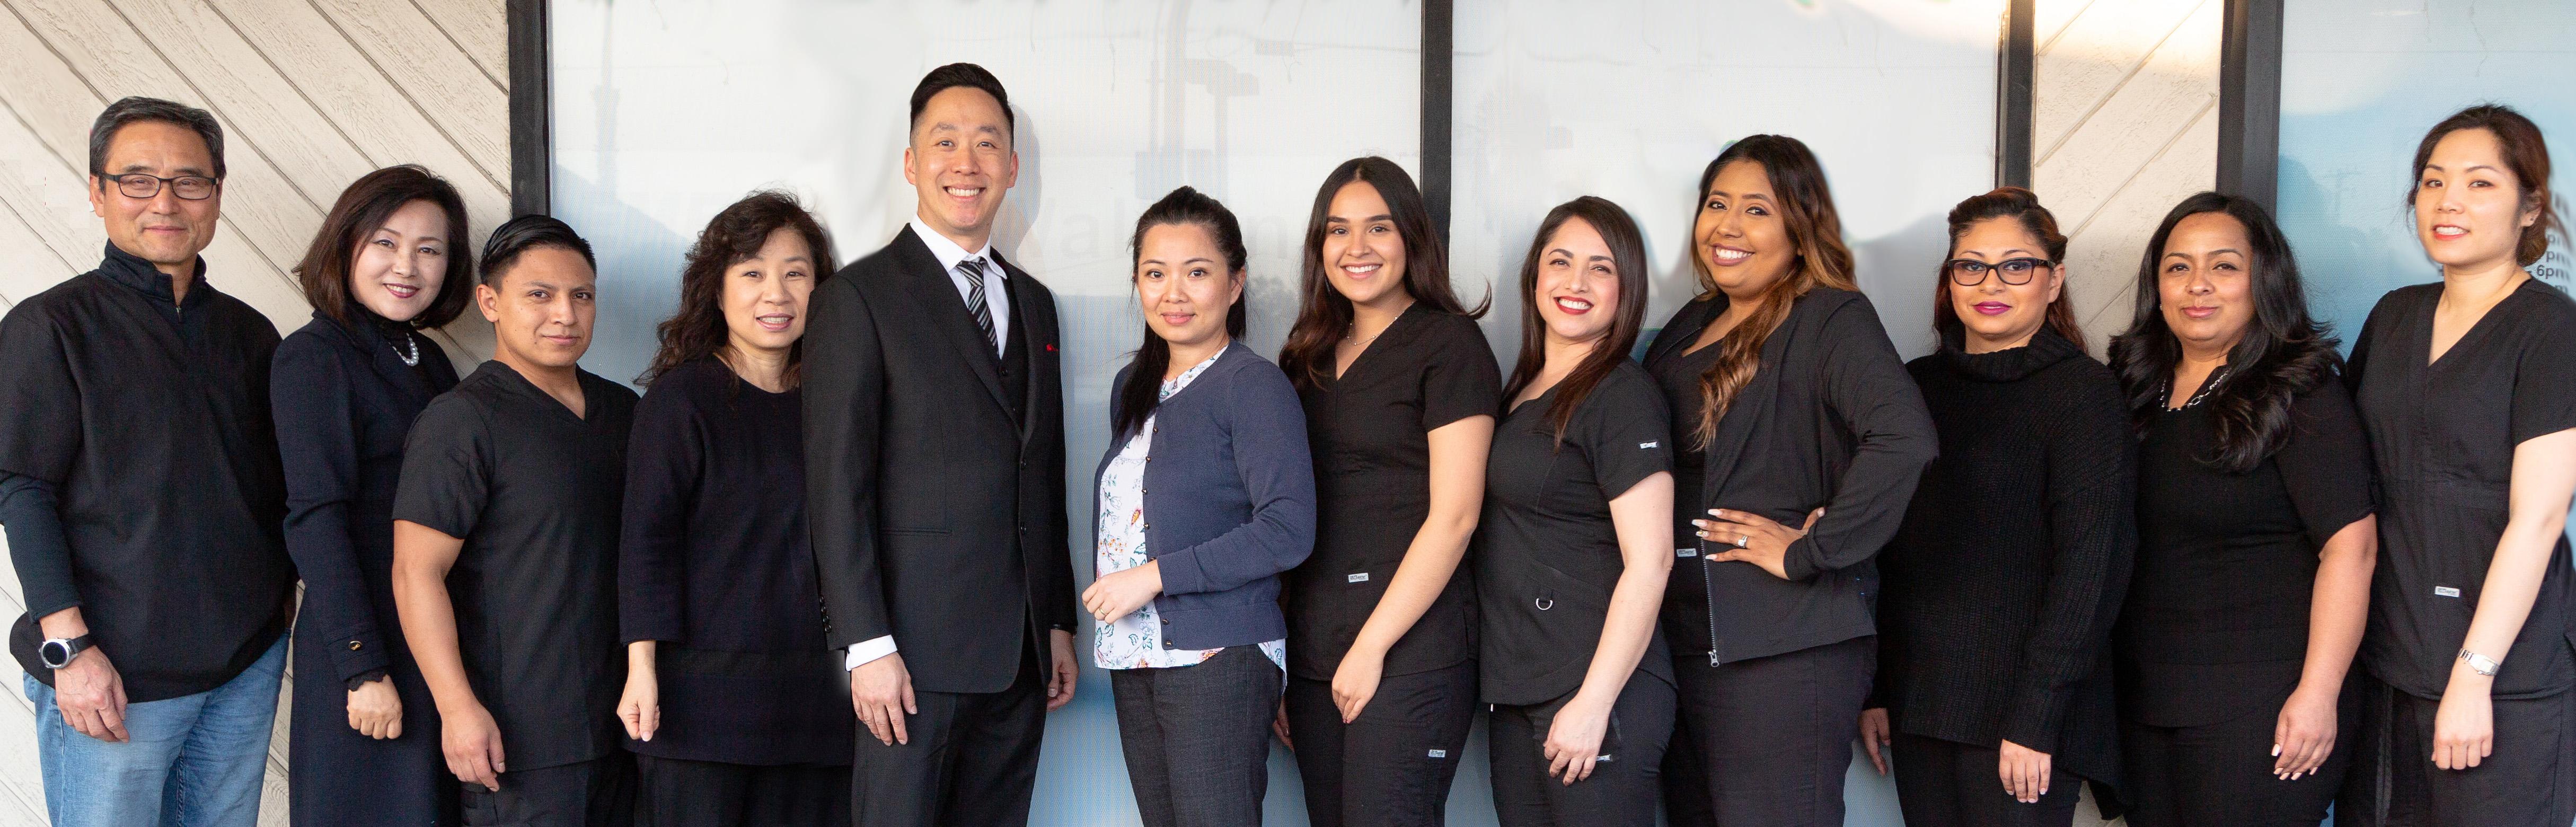 Team - First Dental Care in Anaheim, Orange County